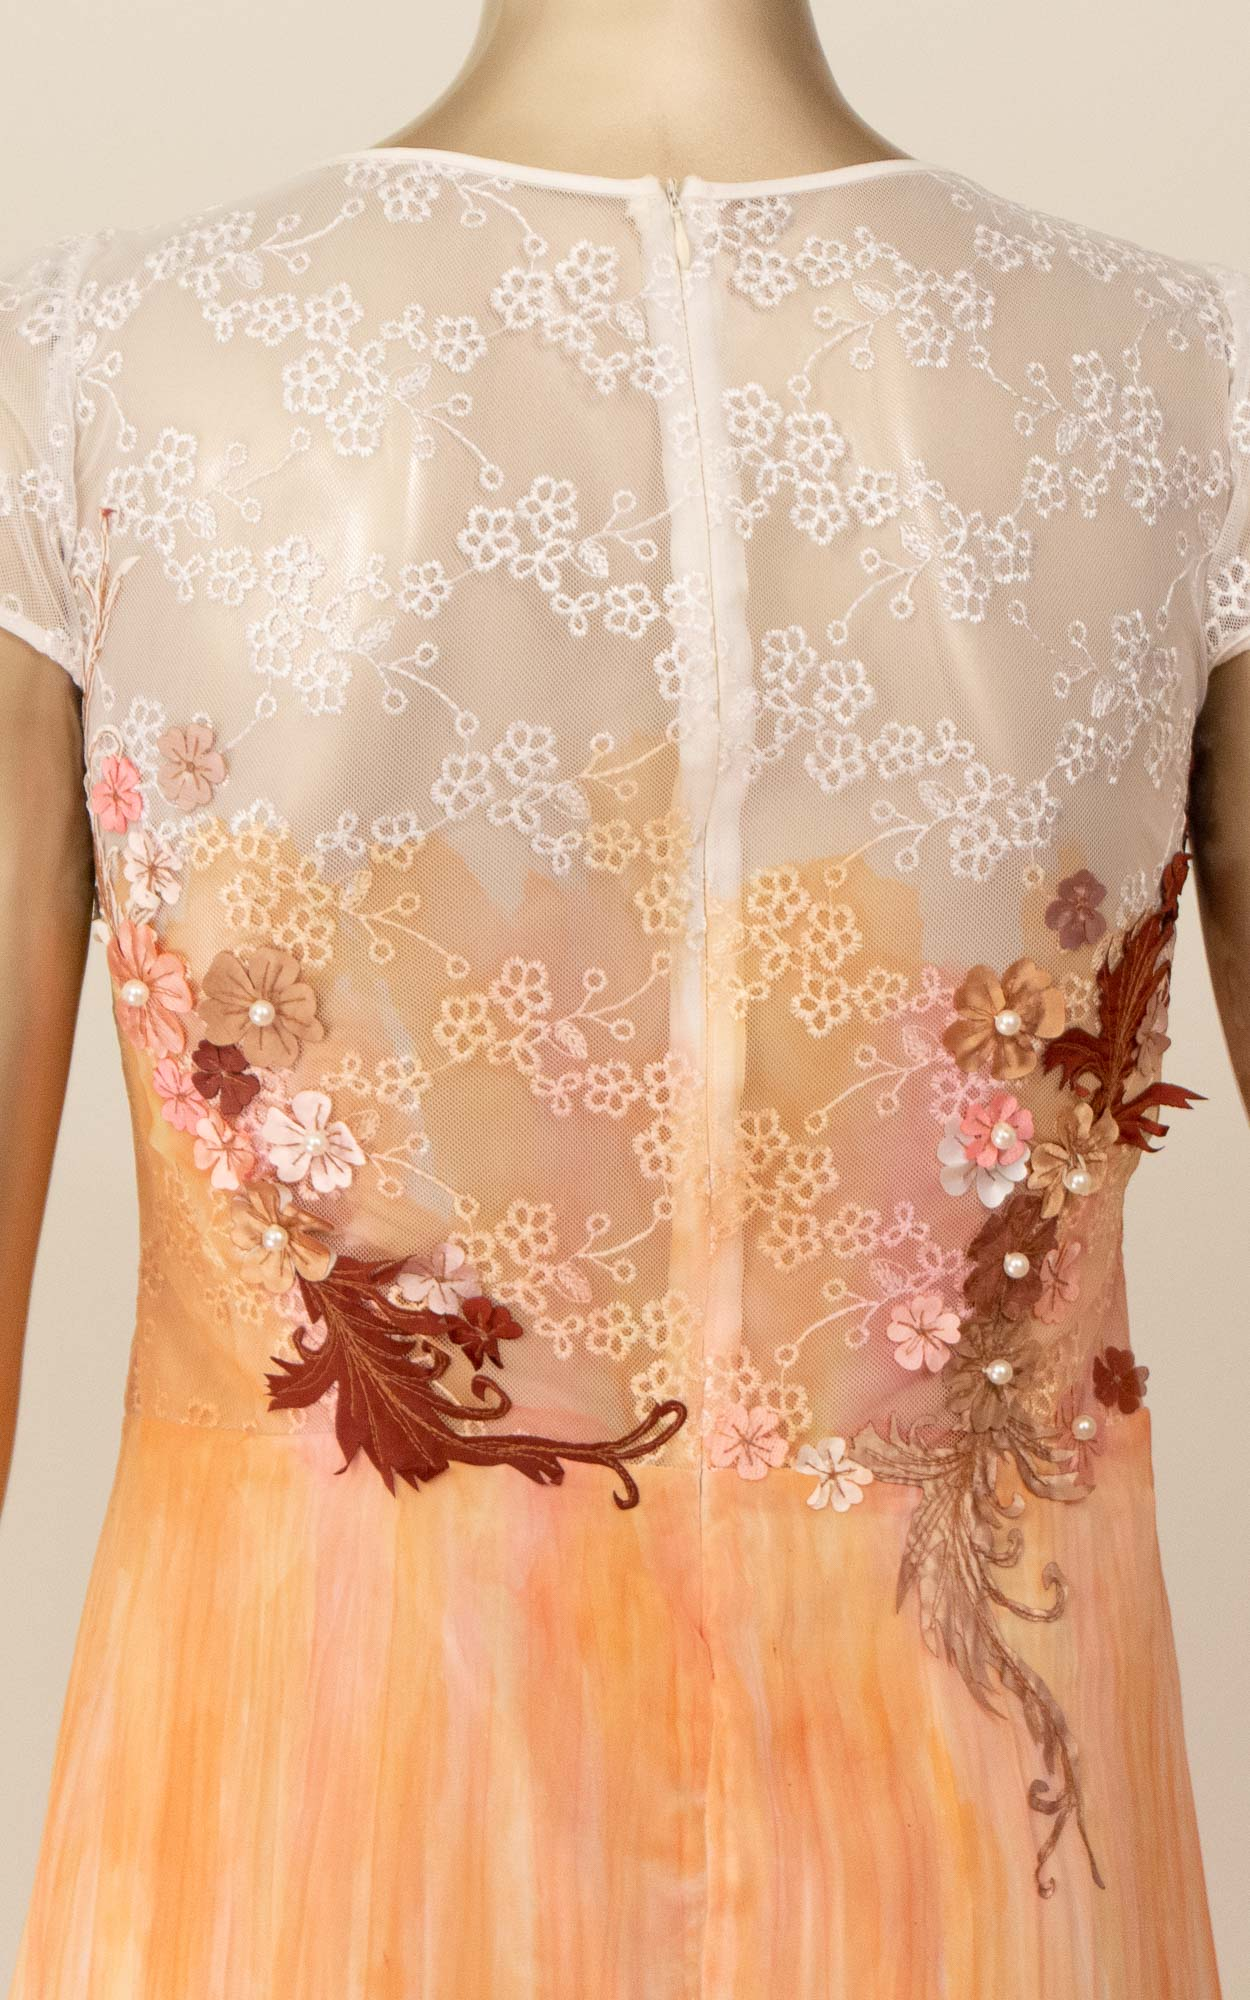 Vestido curto com detalhes em renda e bordados